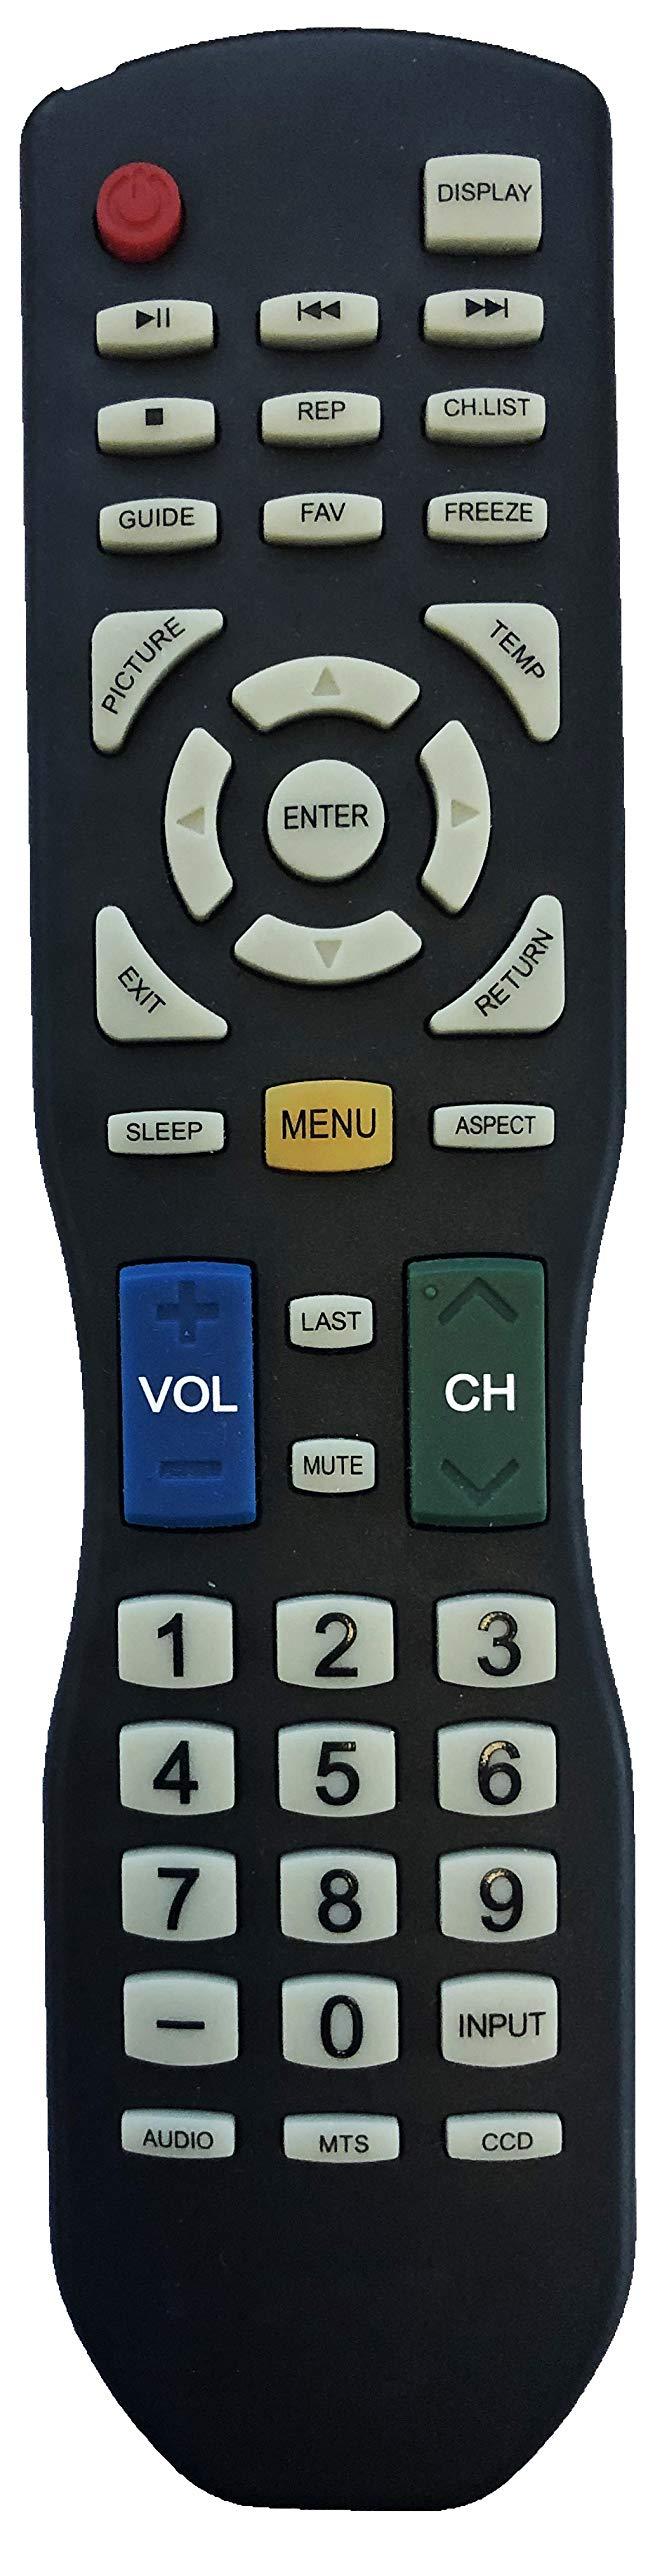 Control Remoto BOLVA TV 40BL00H7 49BL00H7 50BL00H7 55BL00...